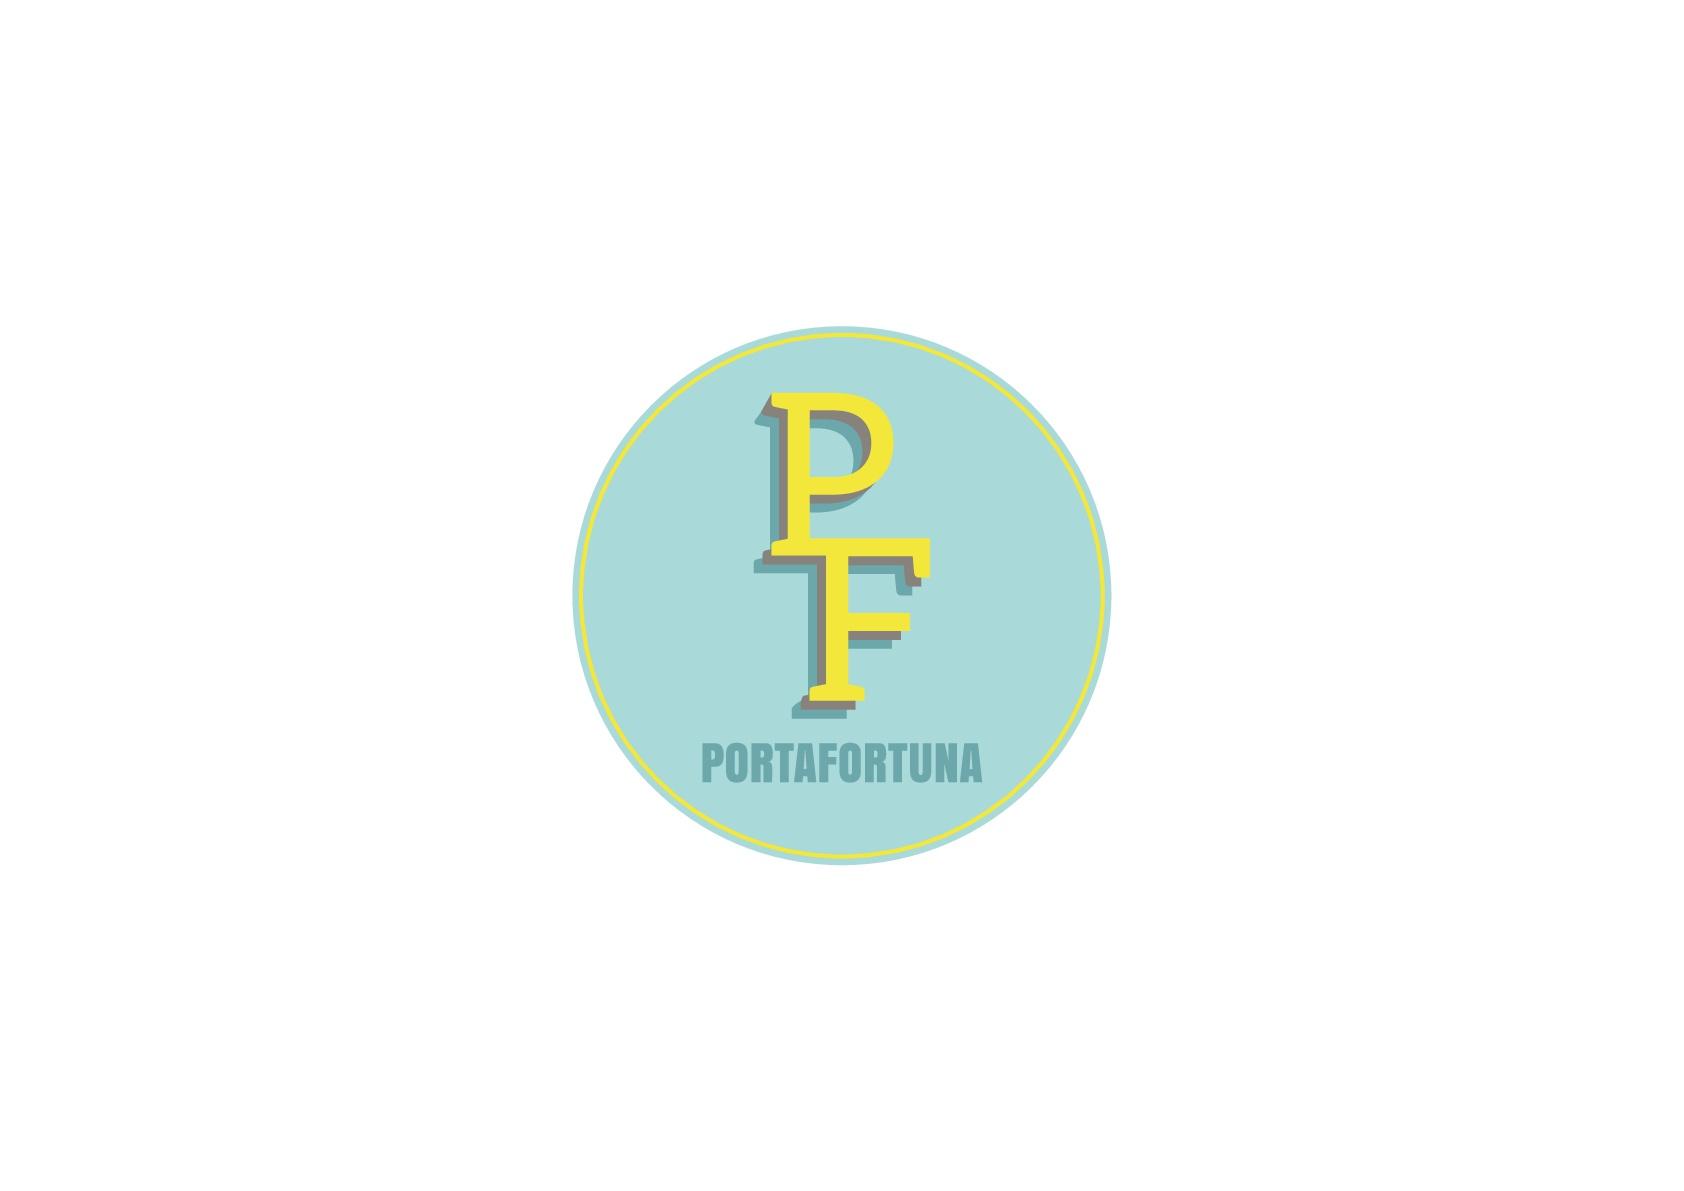 PortaFortuna